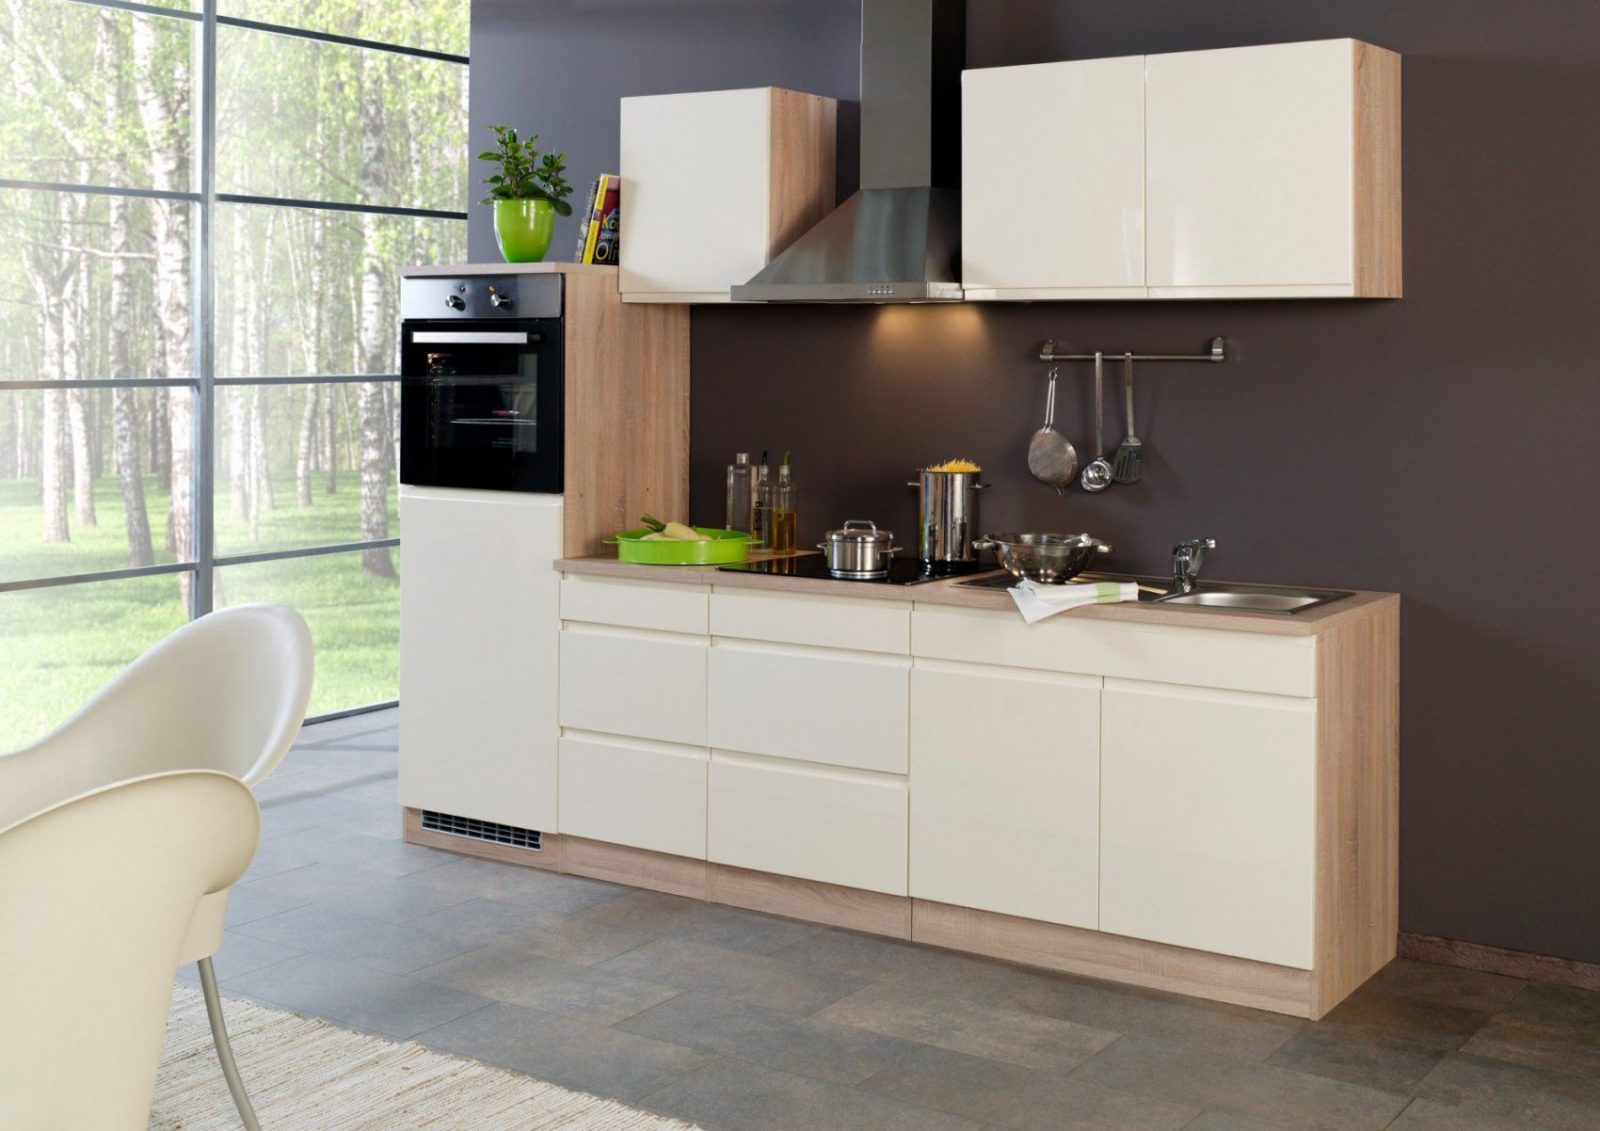 Küchenzeile Nur Unterschränke Aw94 – Hitoiro von Möbel Boss Küchen Unterschrank Photo